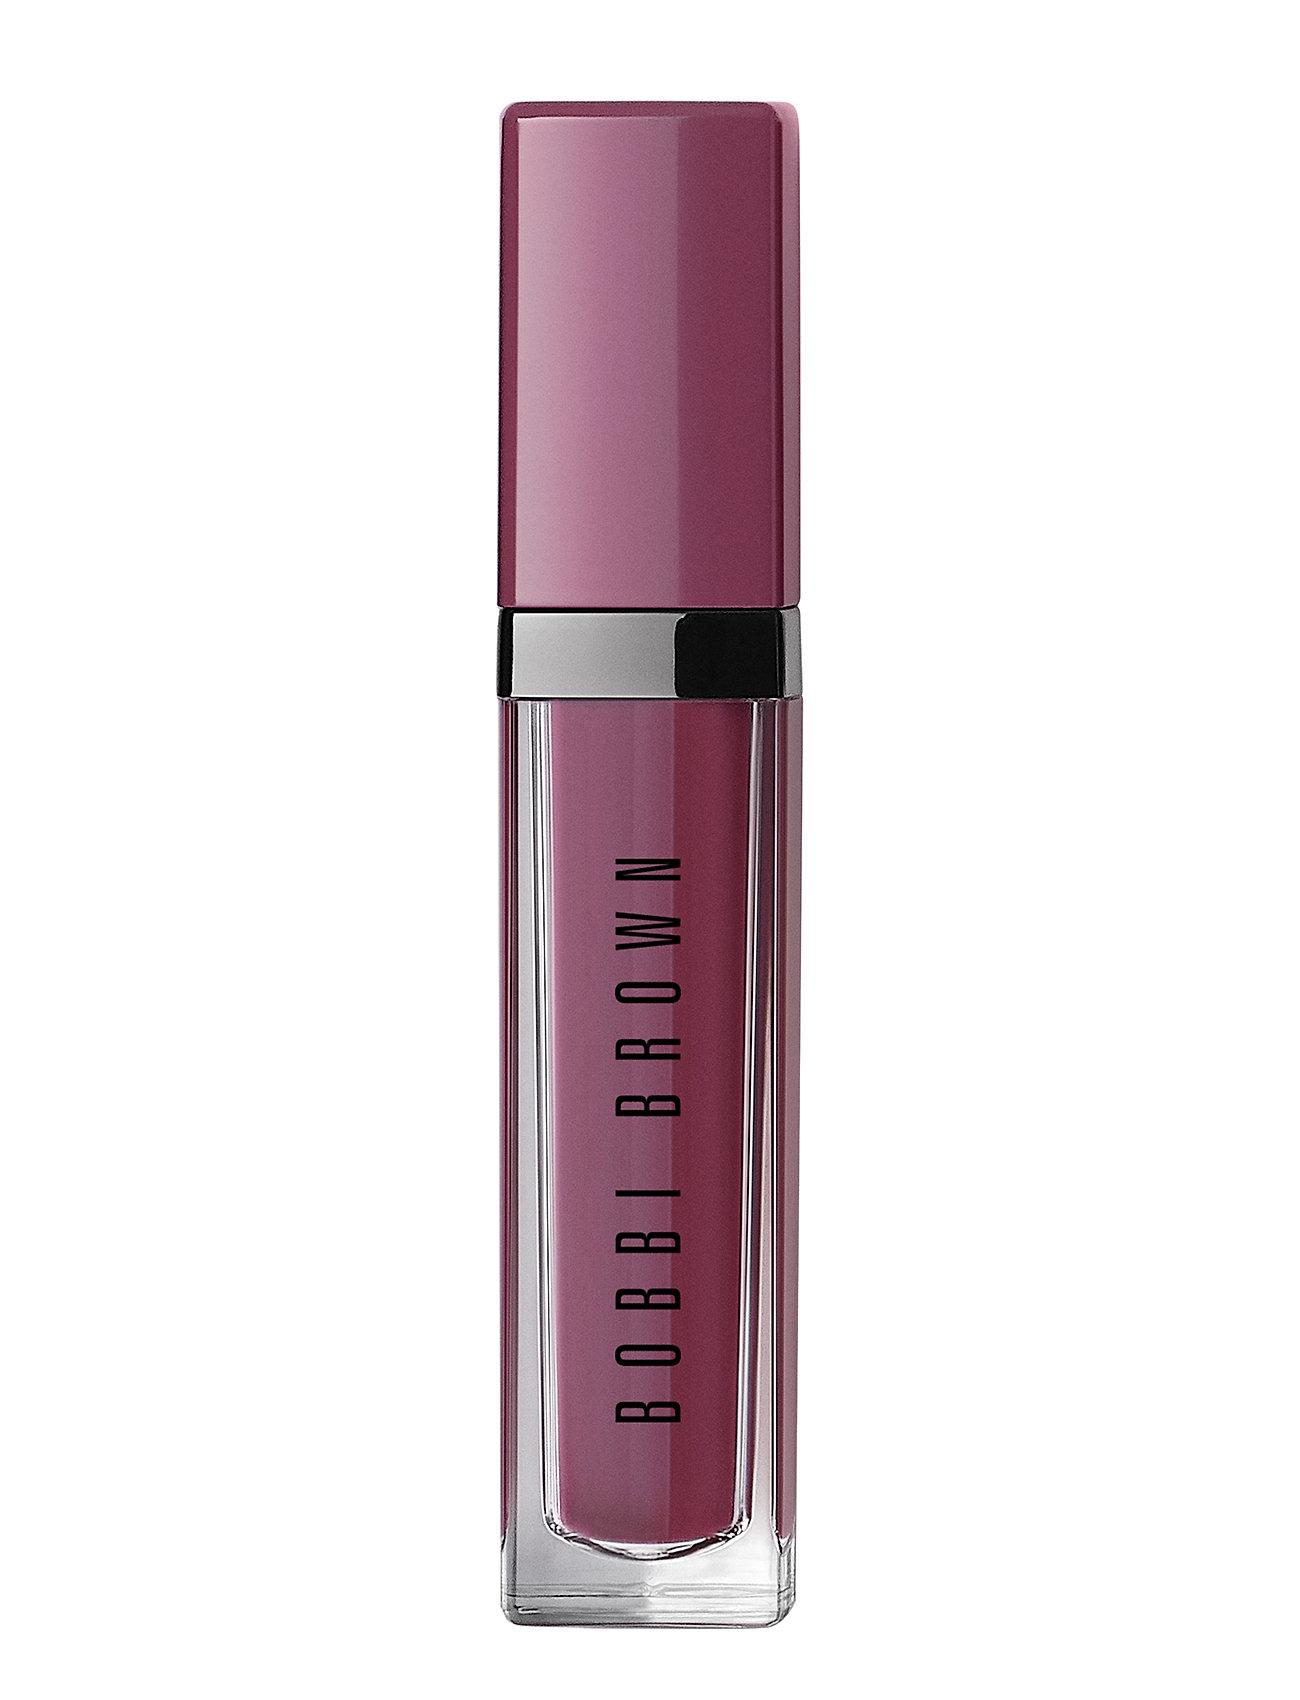 Image of Crushed Liquid, In A Jam, 5 Ml Lipgloss Makeup Rød Bobbi Brown (3431130867)